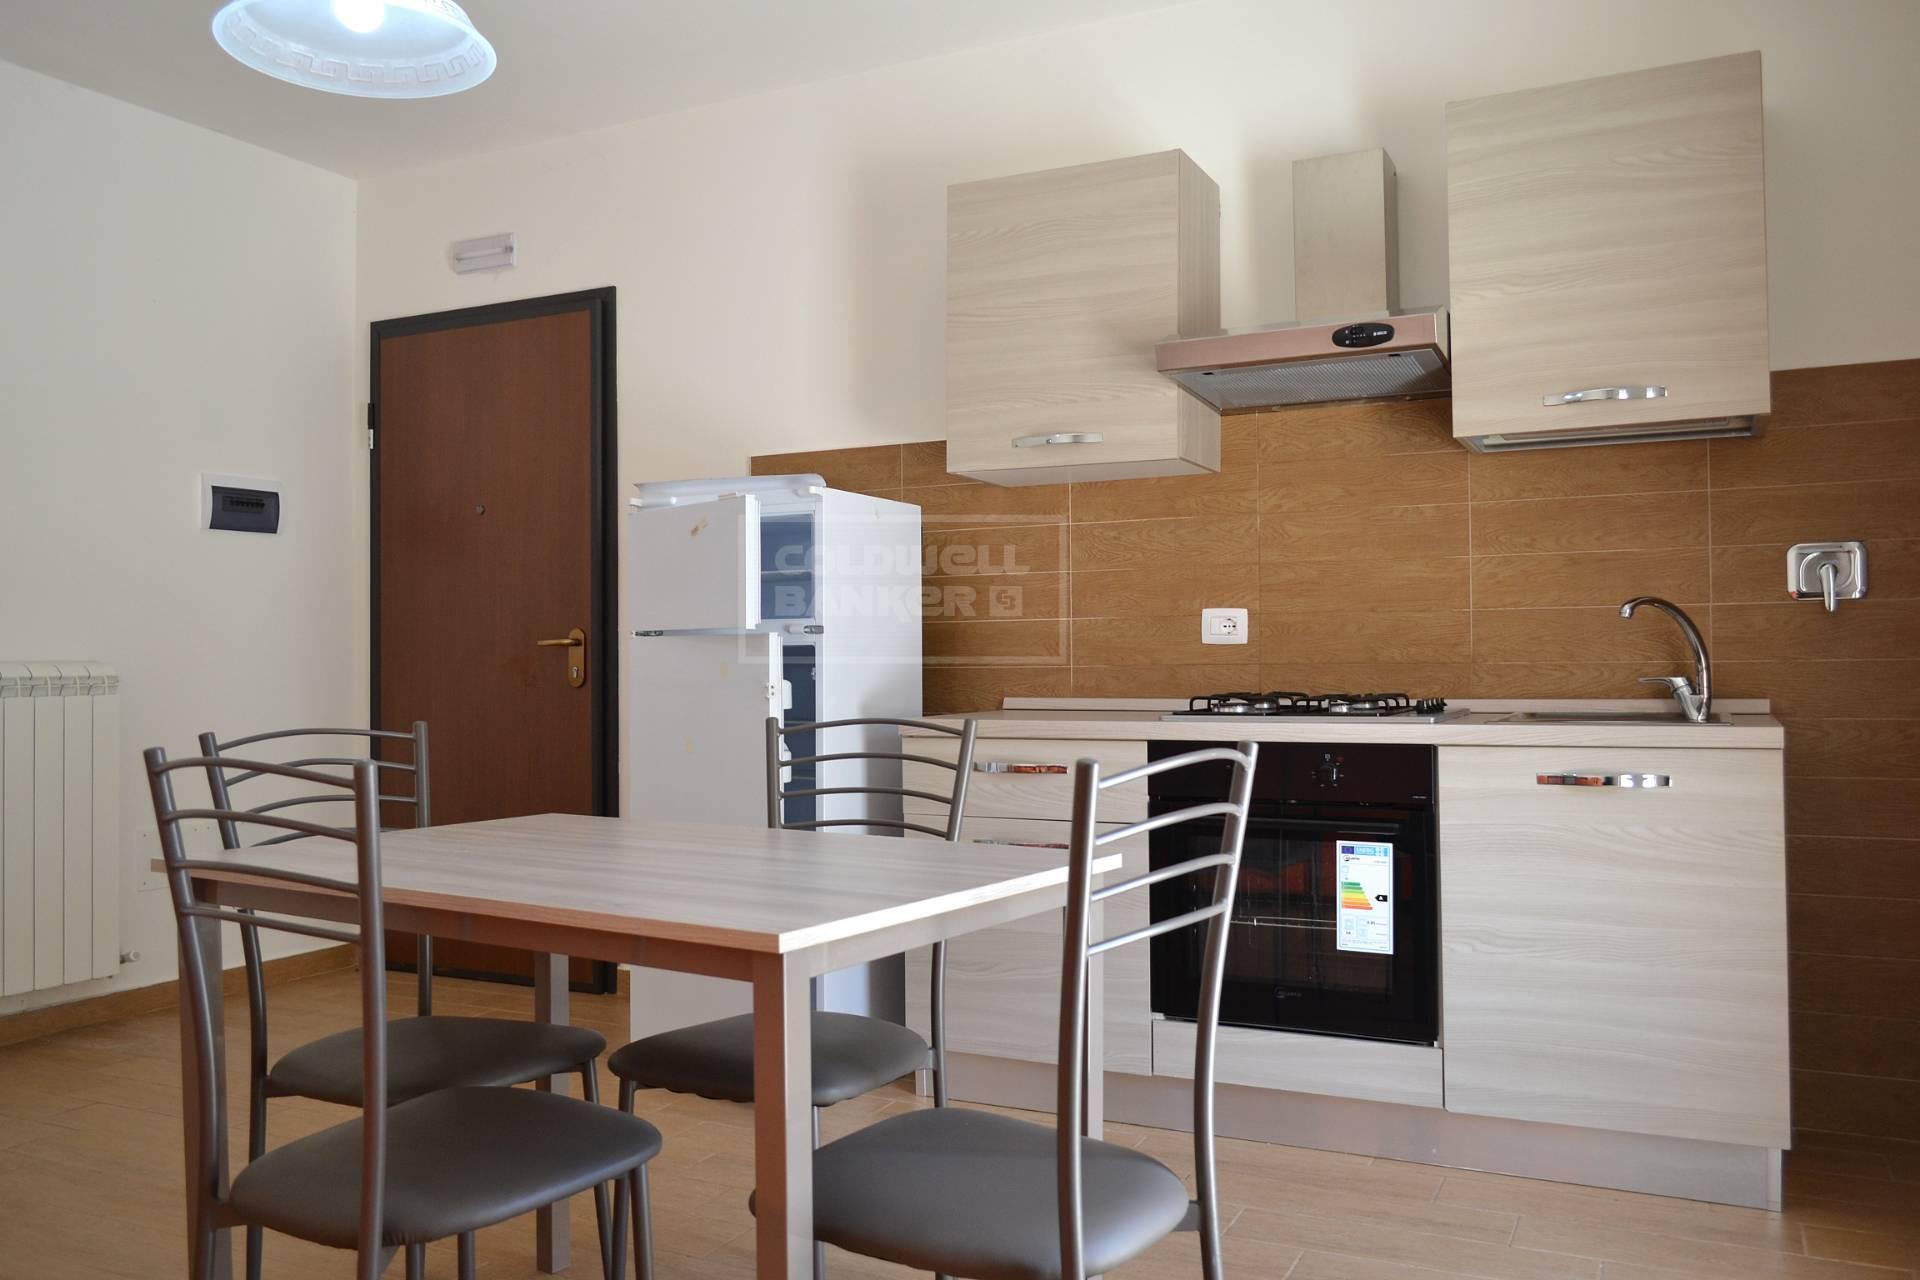 Appartamento in vendita a Gualdo Cattaneo, 4 locali, prezzo € 59.000 | CambioCasa.it